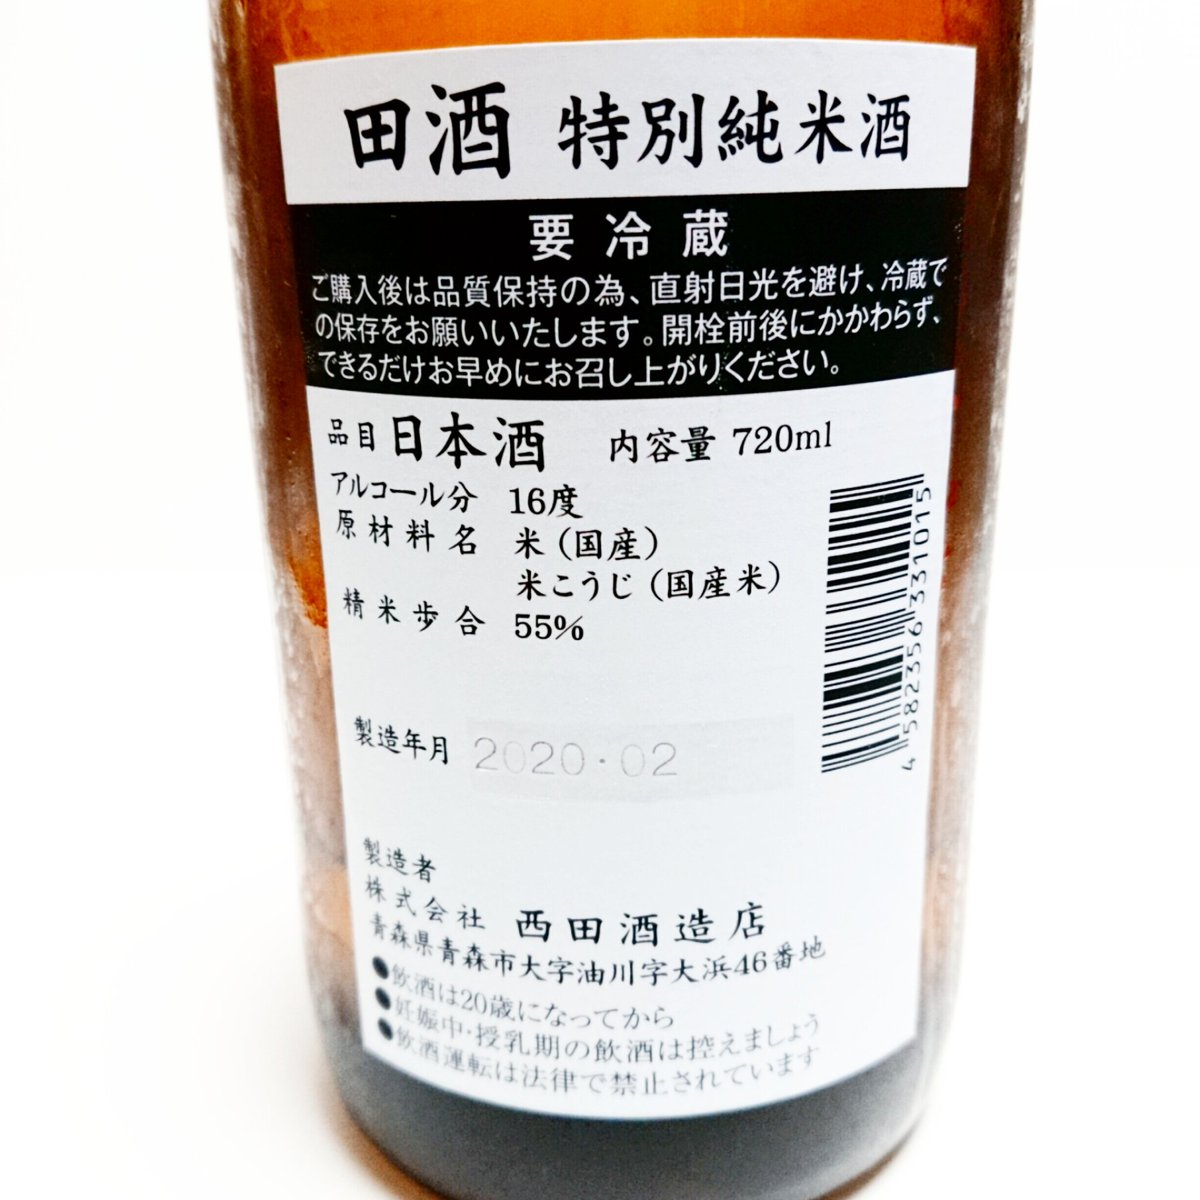 test ツイッターメディア - 【田酒 特別純米酒】 ㈱西田酒造店/青森  すっきりとした呑み口から、酸味と苦味。抜群のキレの良さ👏  ご飯何にでも合わせられそうな、呑み飽きないこのポテンシャル…流石です。  という訳であっという間に完飲🙏  #日本酒 #田酒 #日本酒好き https://t.co/qh41CGU9az